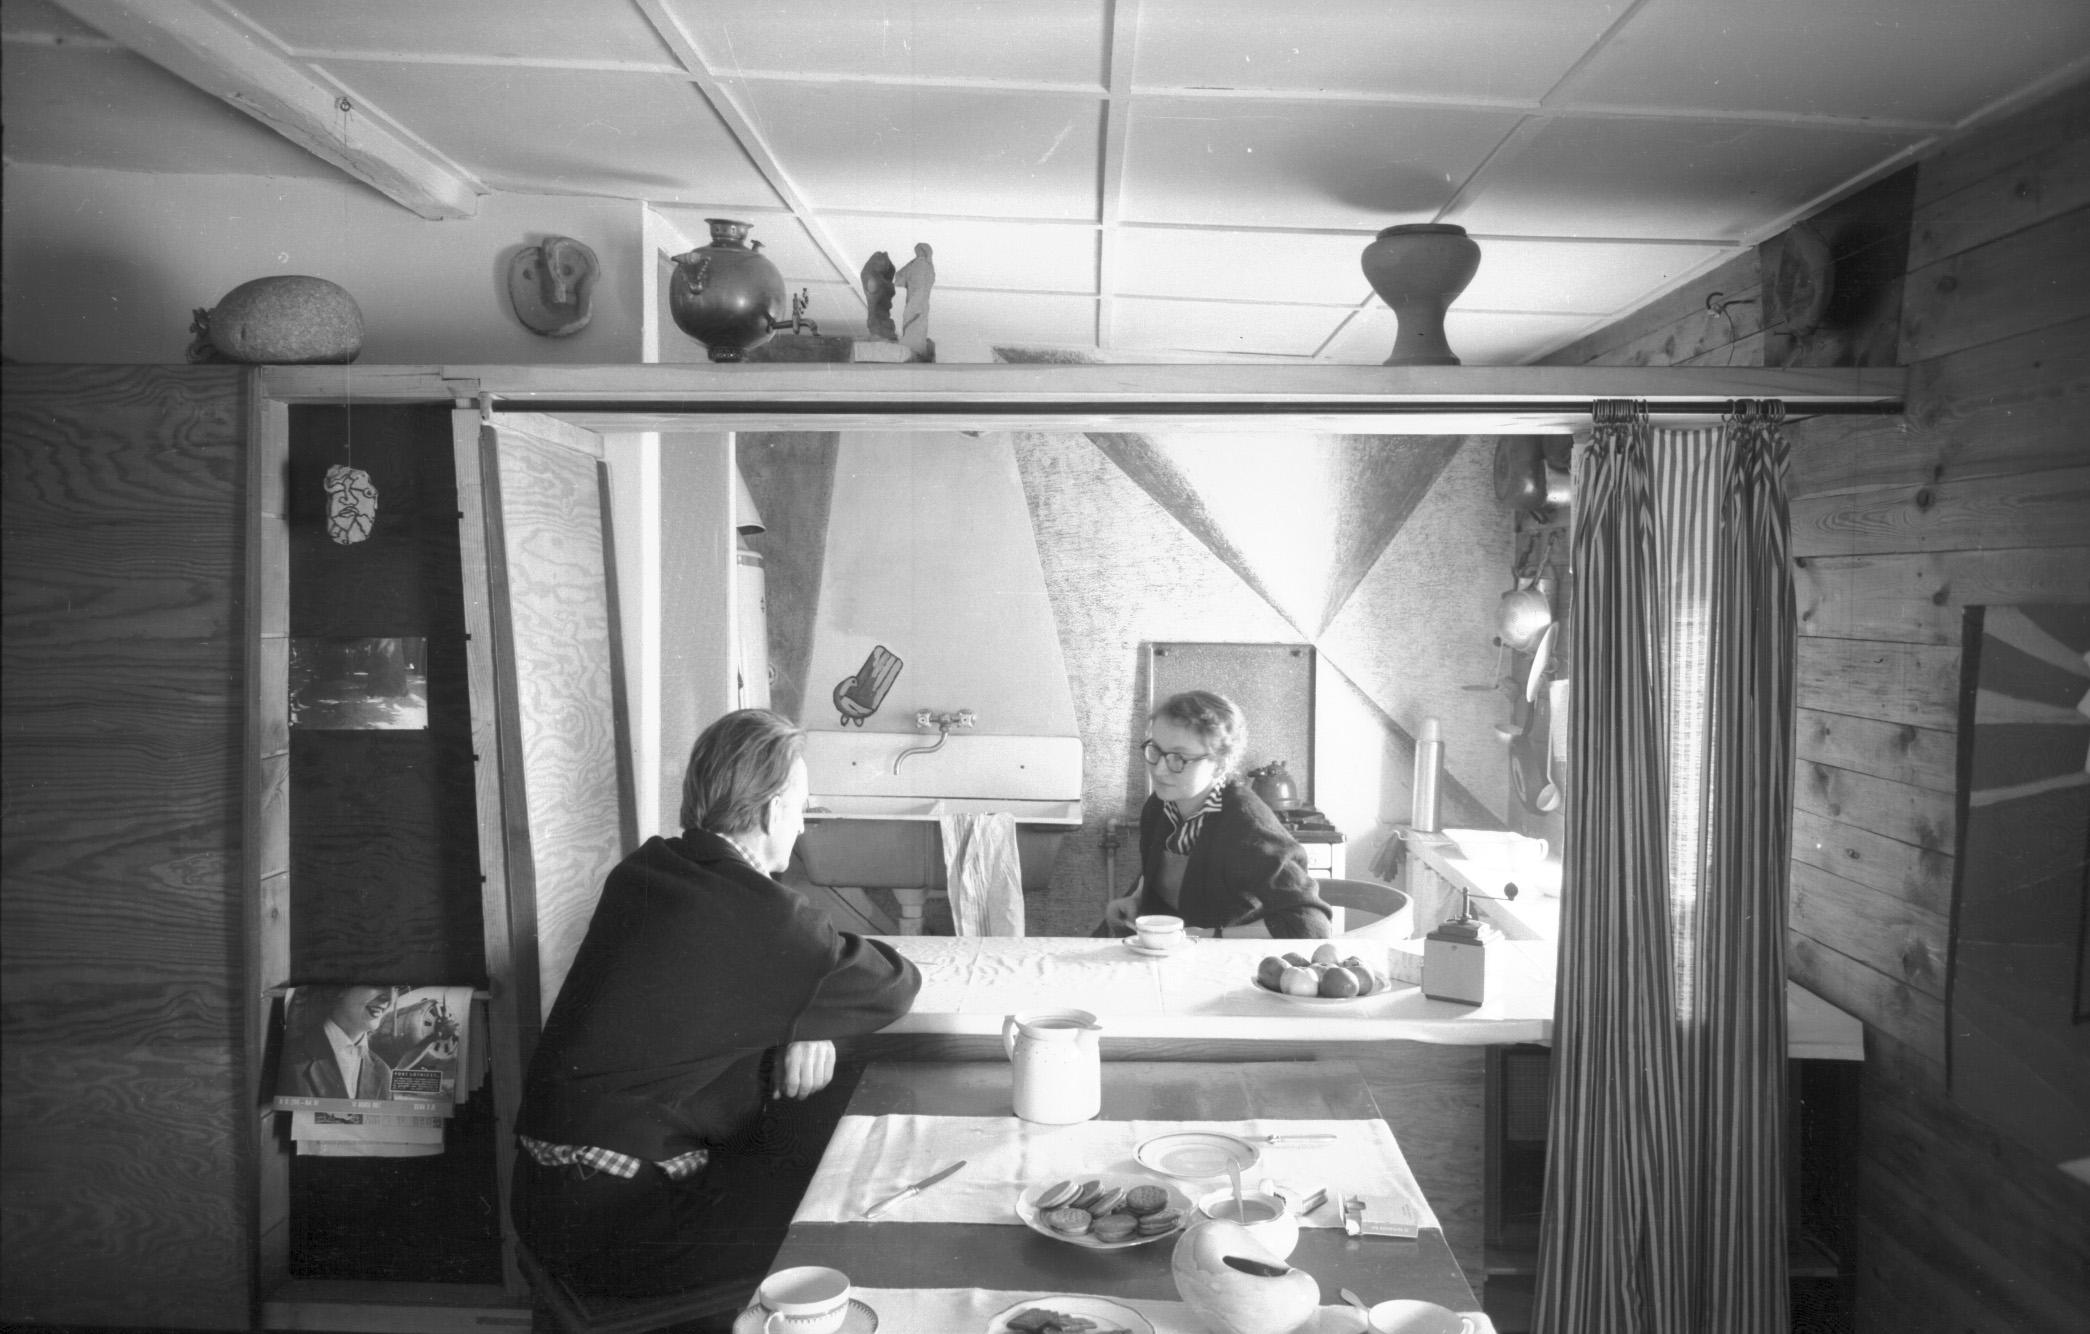 Oskar i Zofia Hansenowie w mieszkaniu przy ul. Sędziowskiej w Warszawie, 1958. Dzięki uprzejmości Fundacji Zofii i Oskara Hansen (źródło: materiały prasowe organizatora)